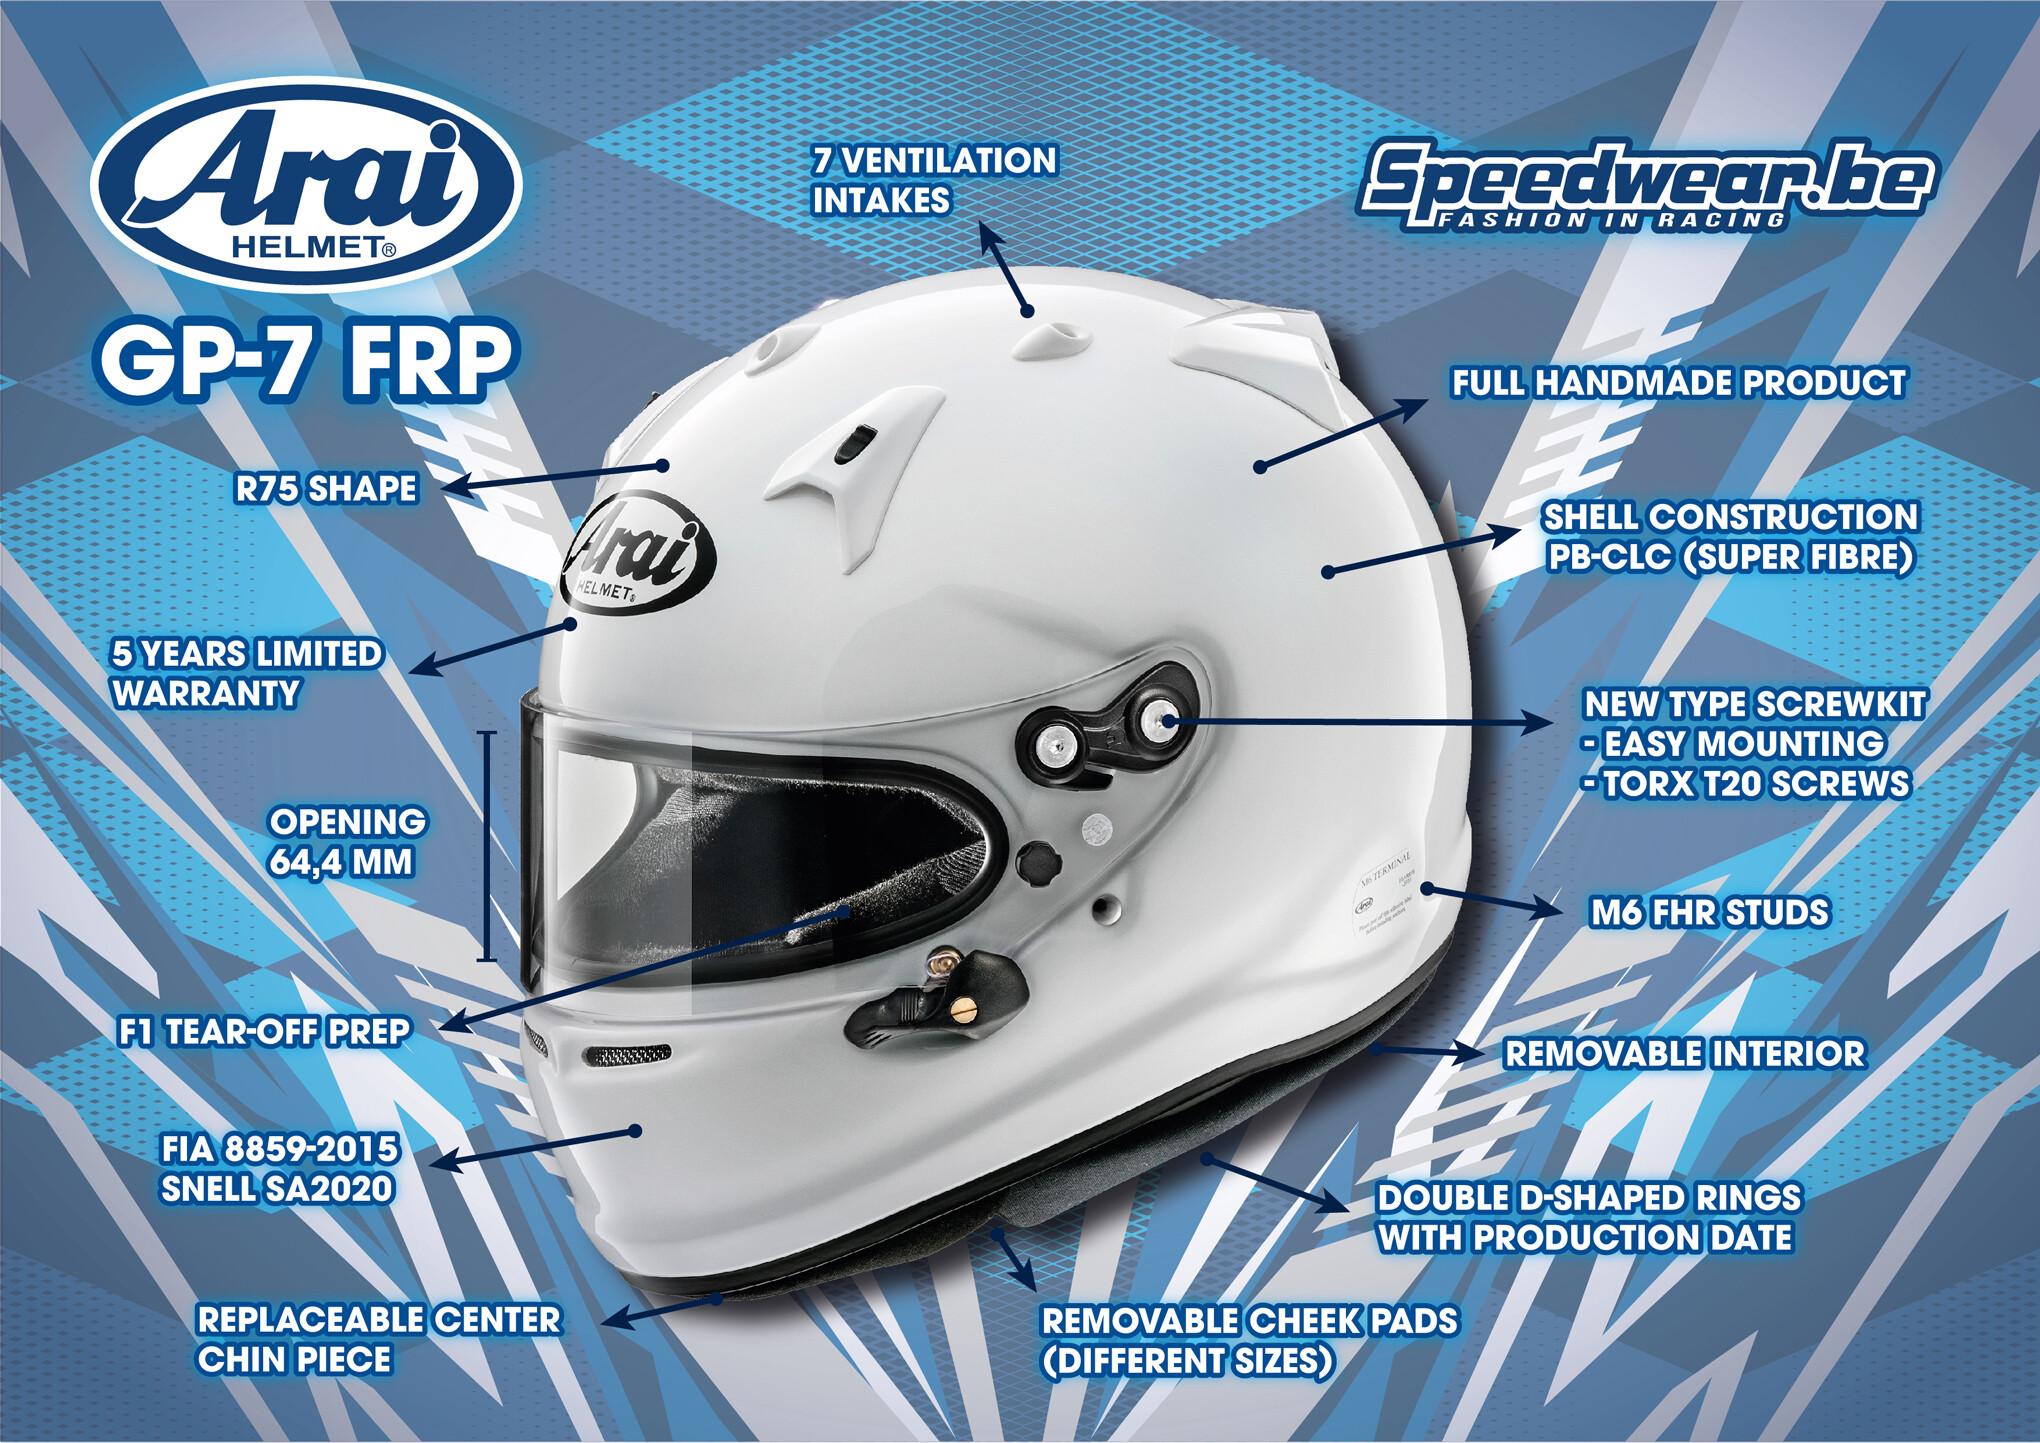 Arai GP7 FRP autosporthelm Details